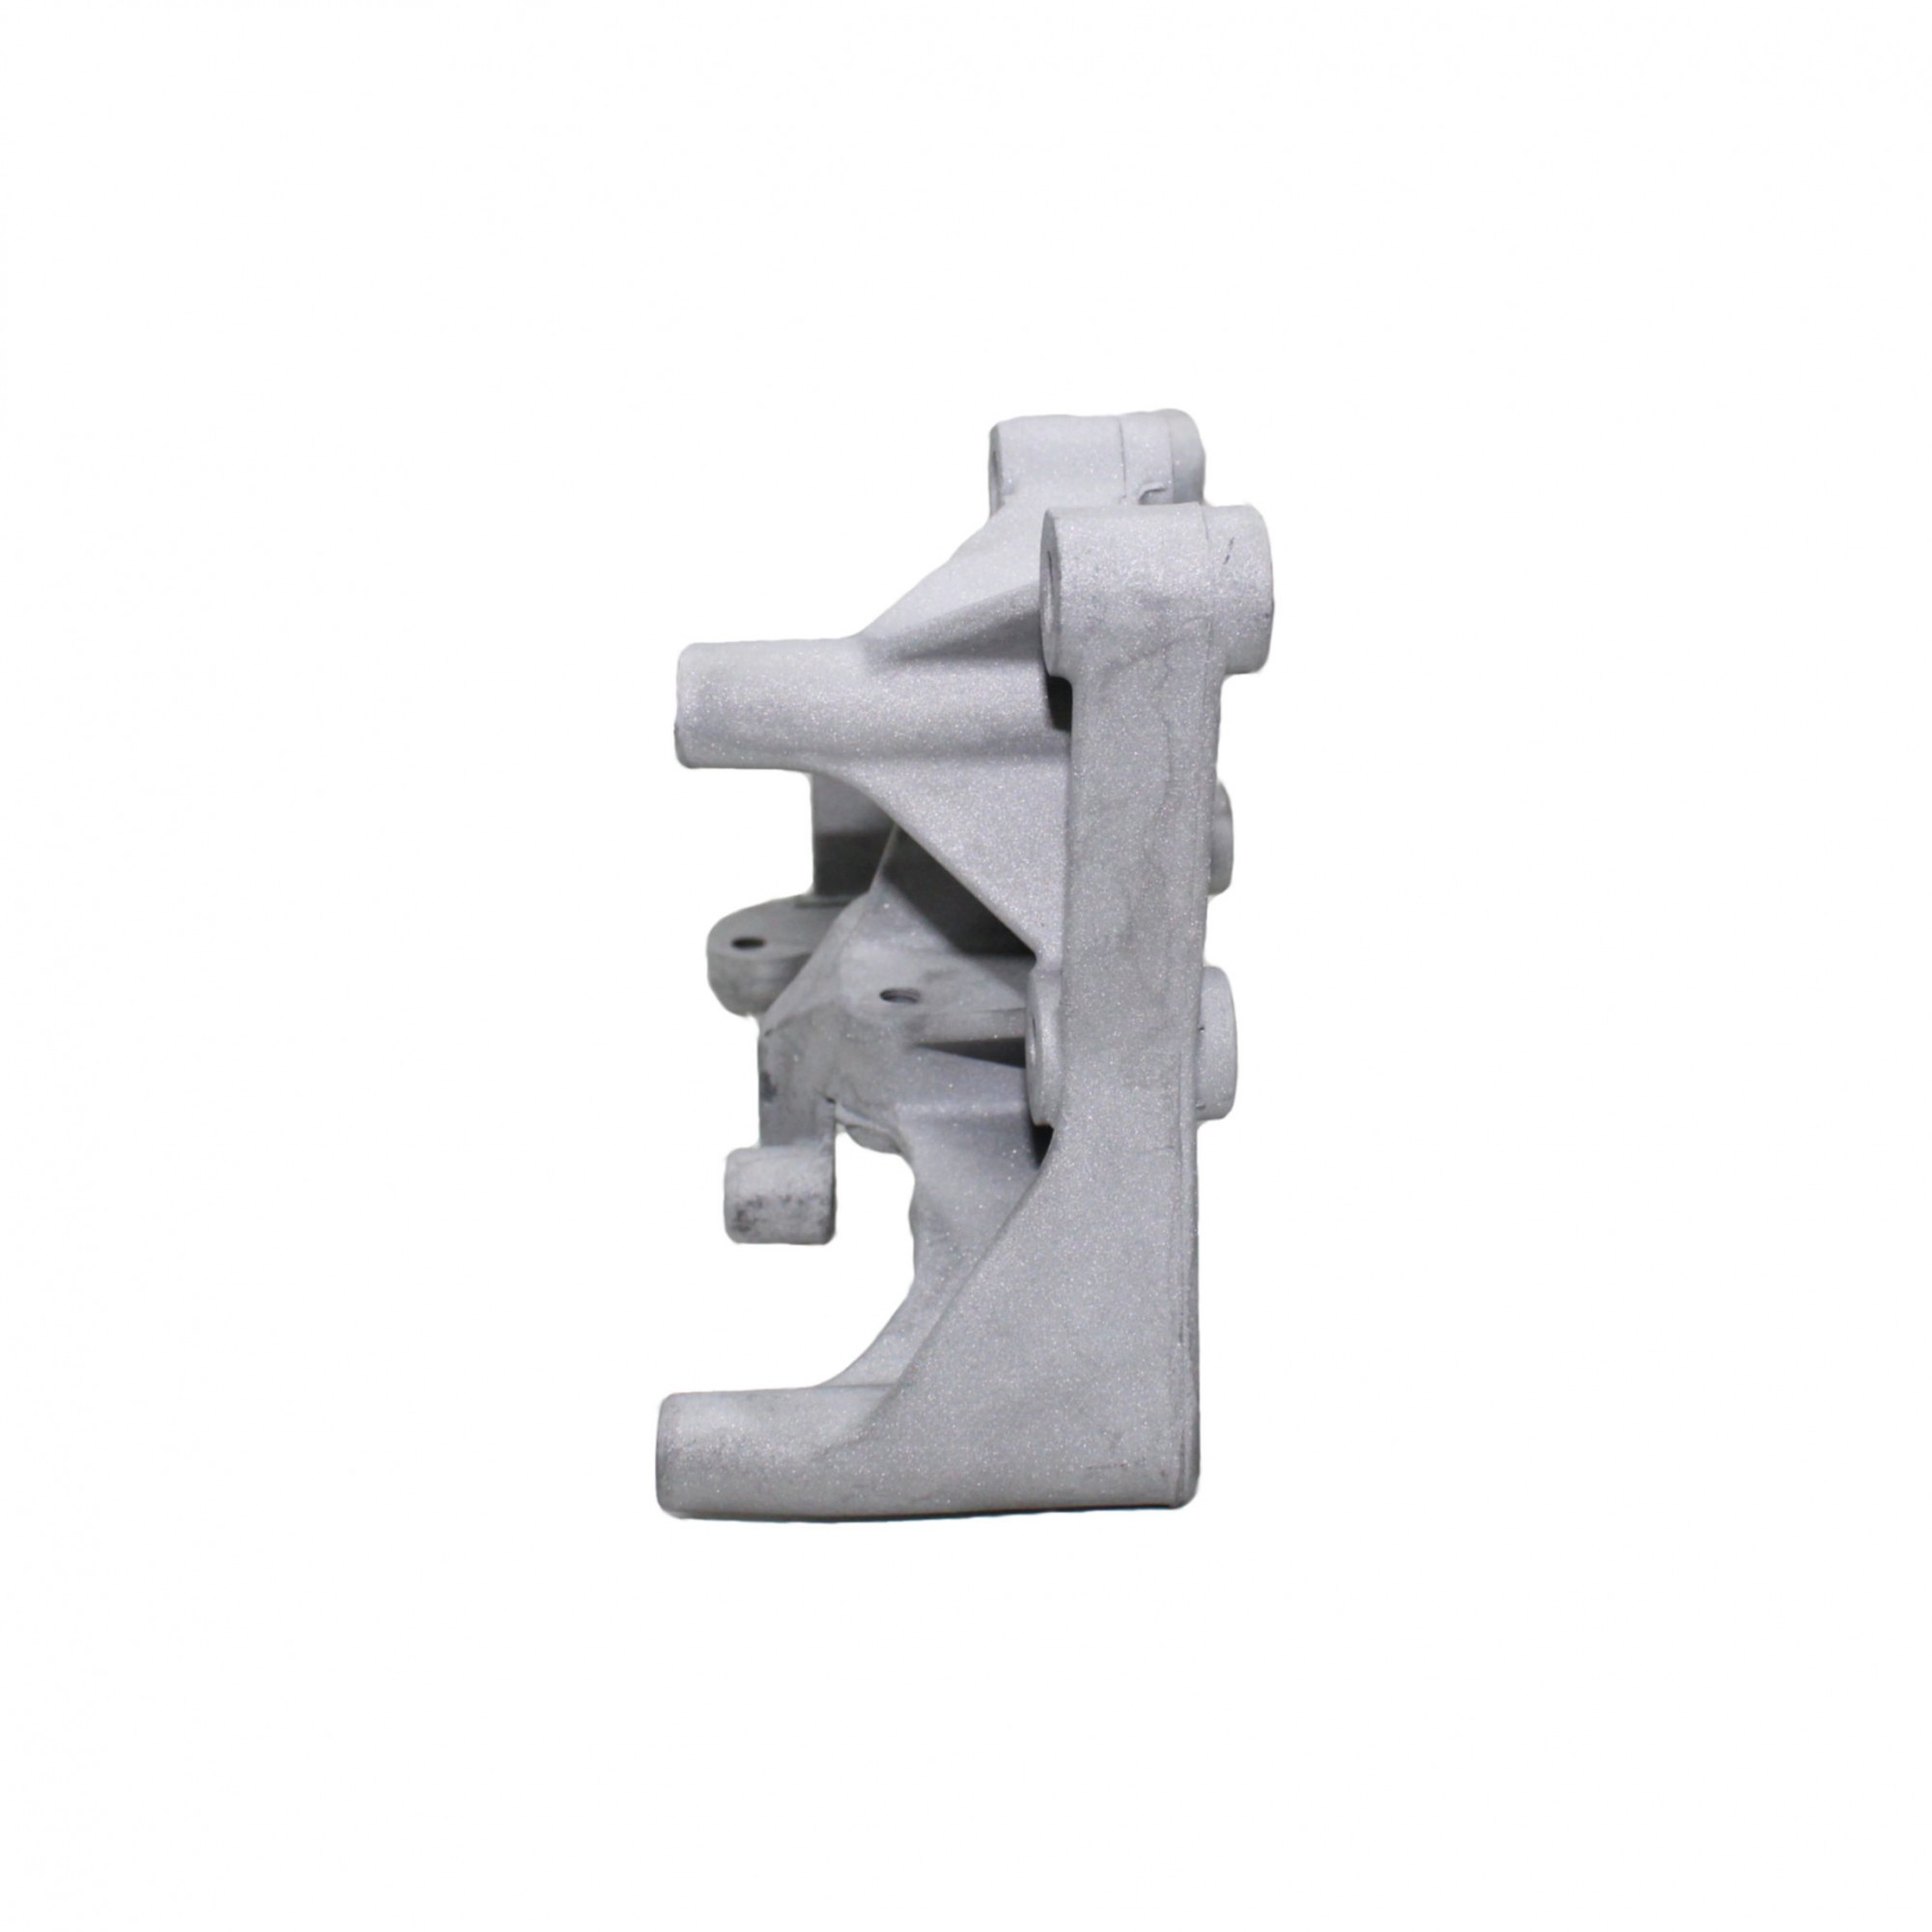 Suporte Fixação Compressor Spin 1.8 2013...2017 24580991